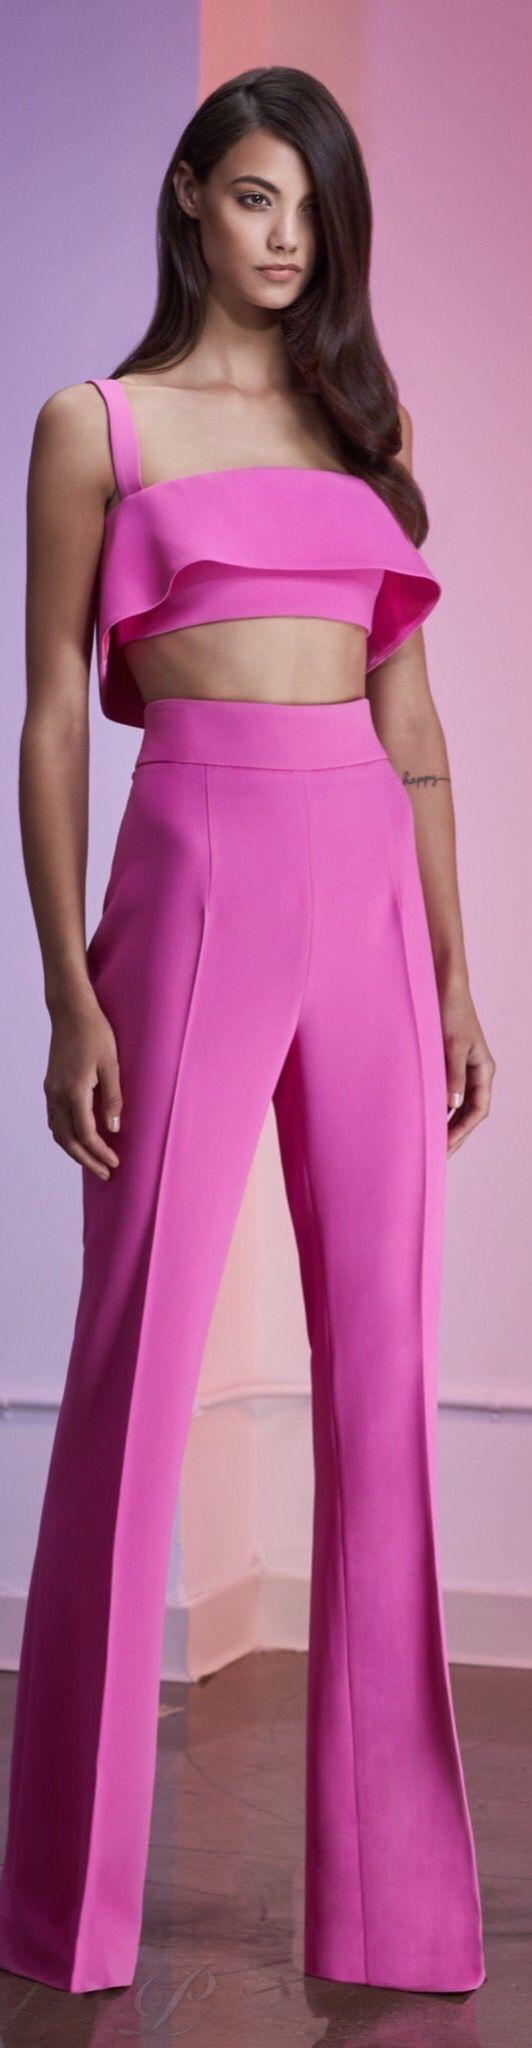 Mejores 196 imágenes de Women\'s Fashion/Style en Pinterest | Zapatos ...